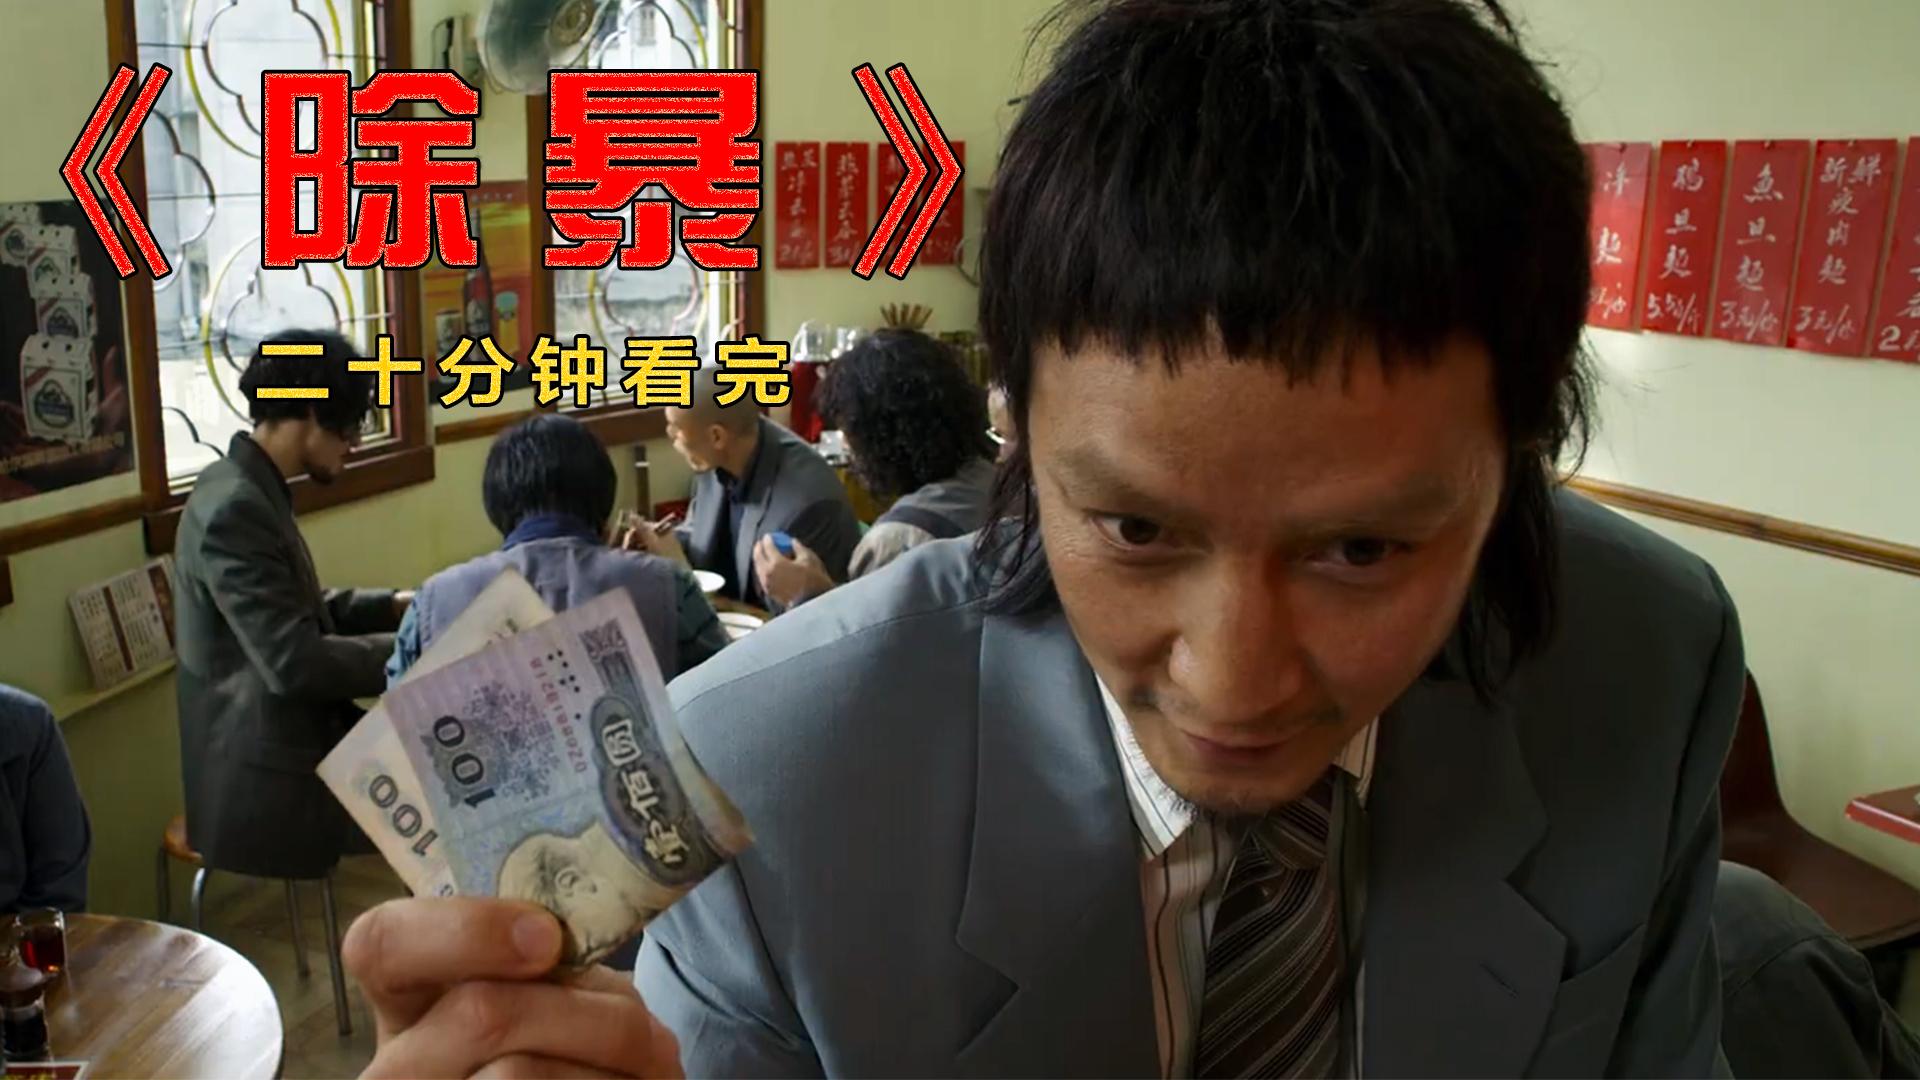 别人十分钟煮了个面,他十分钟就打了个劫,吴彦祖演绎中国第一悍匪